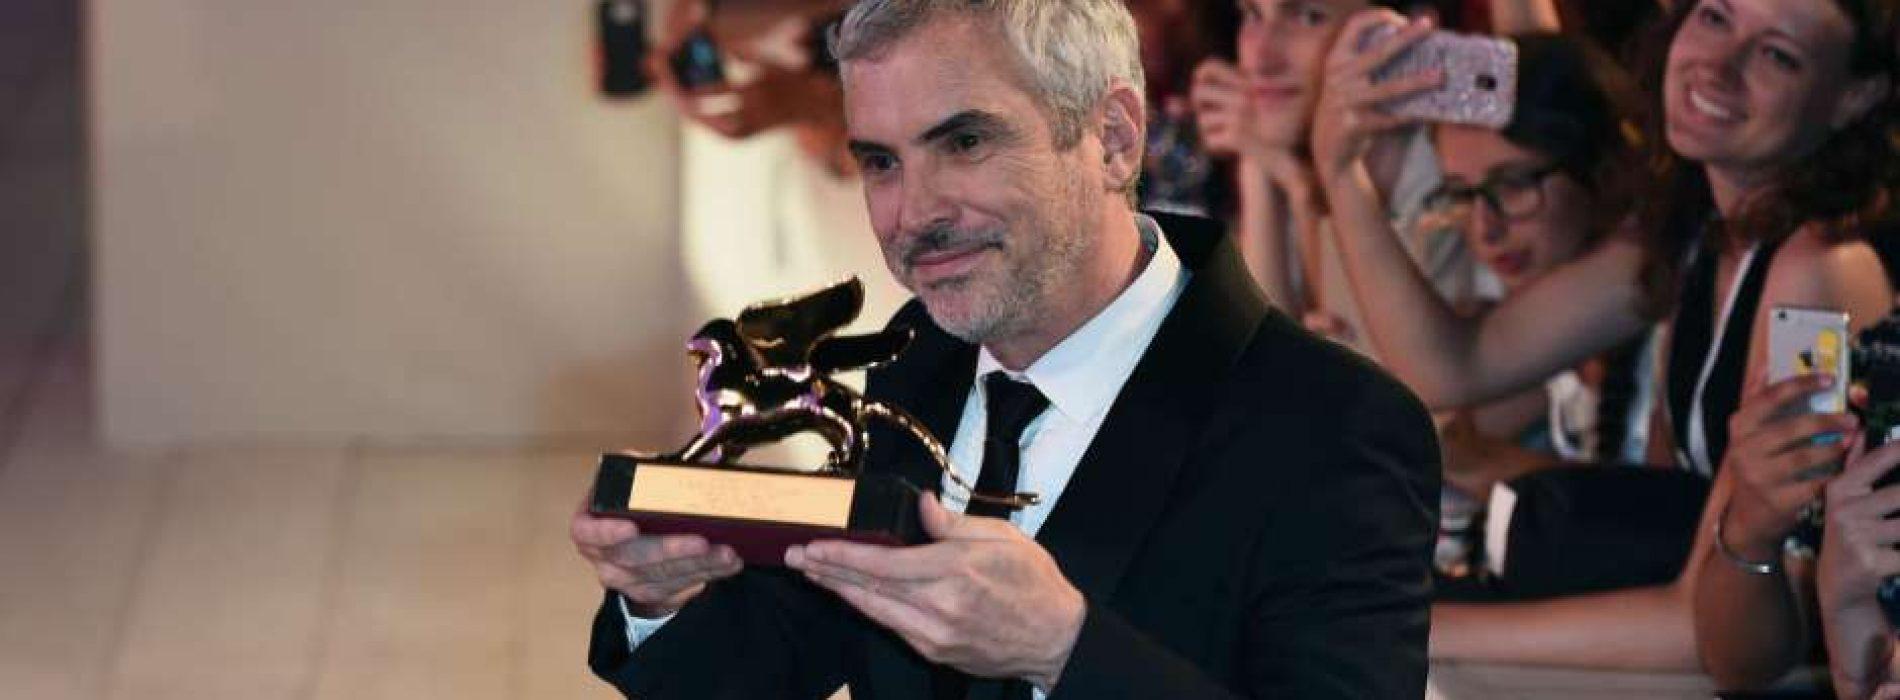 """Orgullo mexicano: Celebran histórico León de Oro para Alfonso Cuarón por """"Roma"""""""